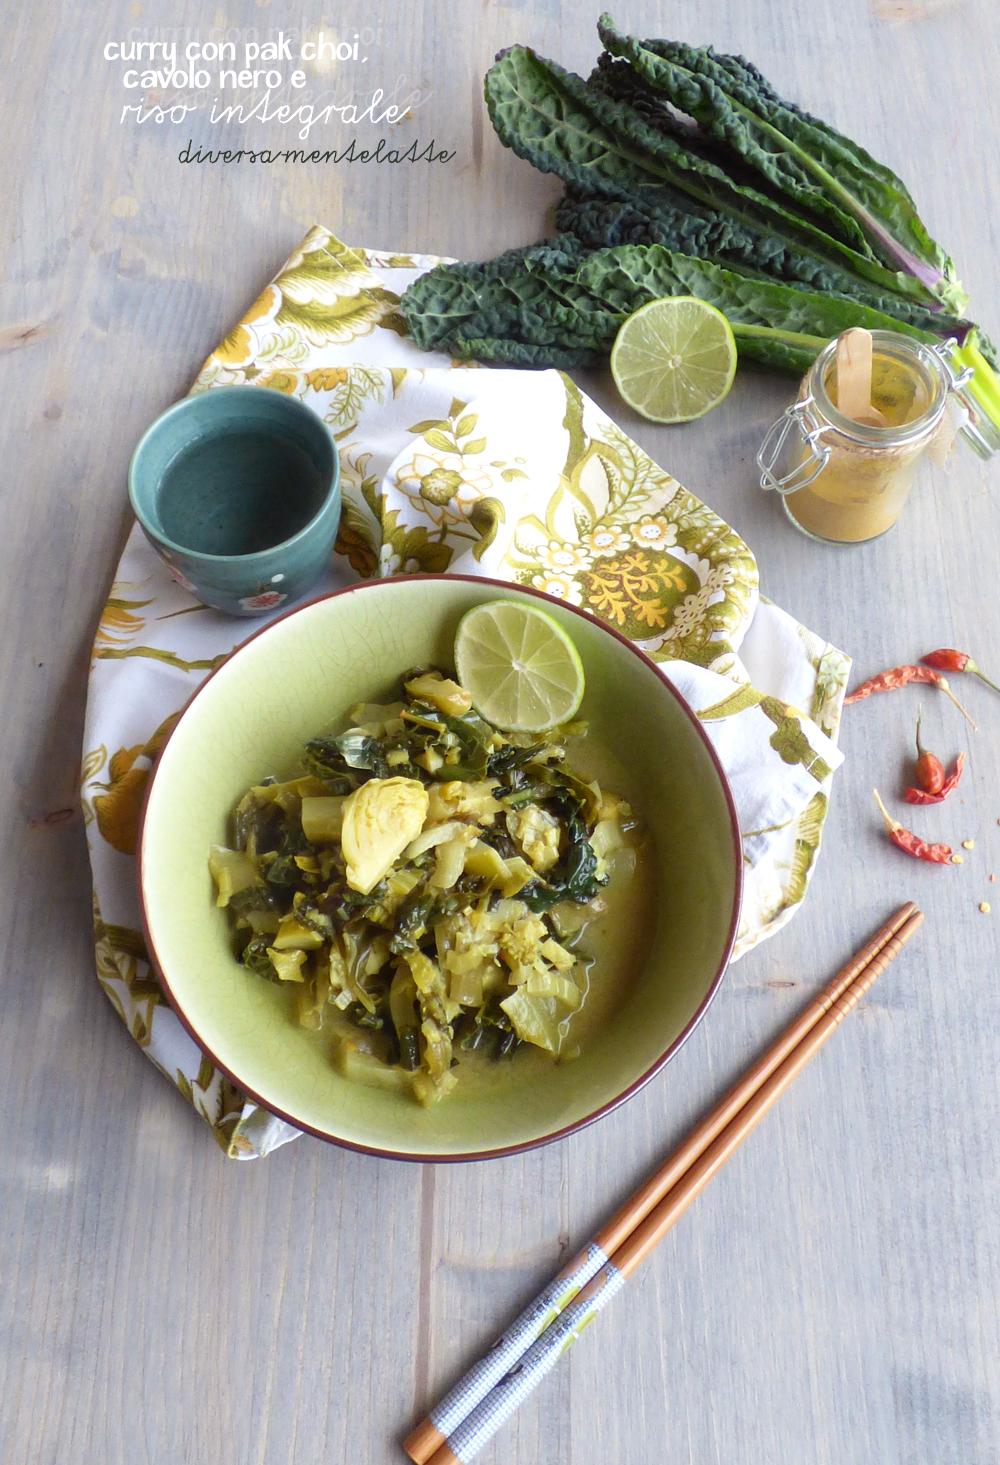 curry con pak choi cavolo nero e broccoli